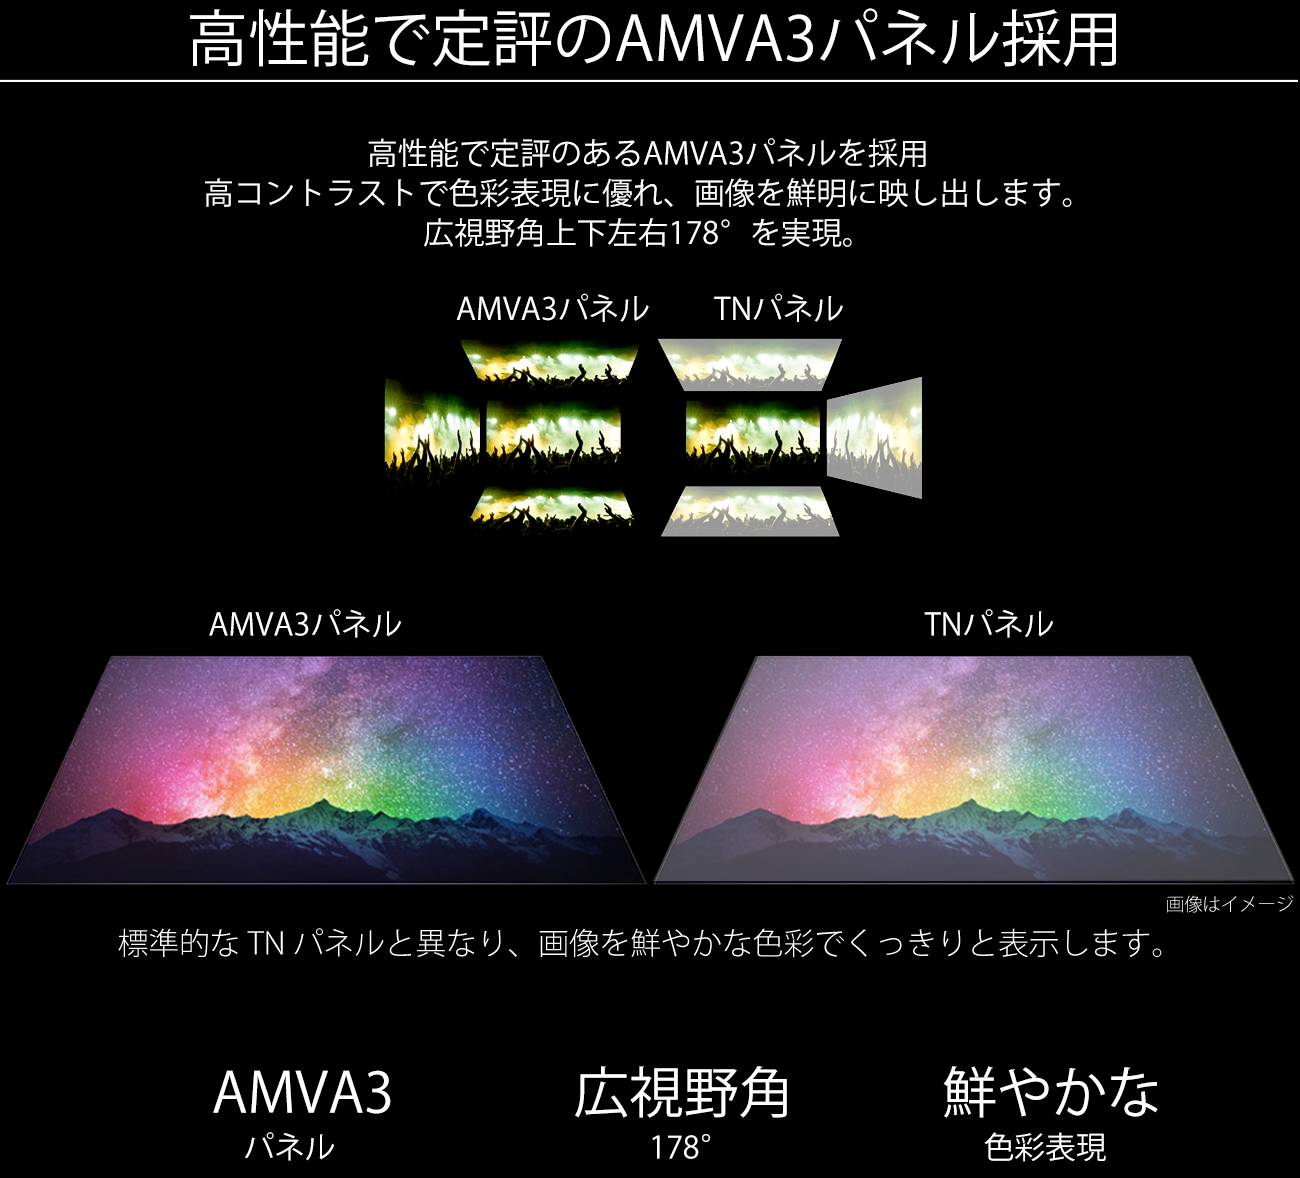 高性能で定評のVAパネル採用。VAパネルを採用し、あらゆる角度から見ても色やコントラスト変化がおきにくい、画像を鮮明に映し出します。広視野角上下左右178°を実現。VA系パネルは標準的な TN パネルと異なり、画像を鮮やかな色彩でくっきりと表示します。快適な写真鑑賞やウェブブラウズができるのたけでなく、色の正確性や一貫した明るさを常に求める専門用途にも最適です。VA 広視野角 3840x2160pixels UHD 4Kパネル 178°解像度。